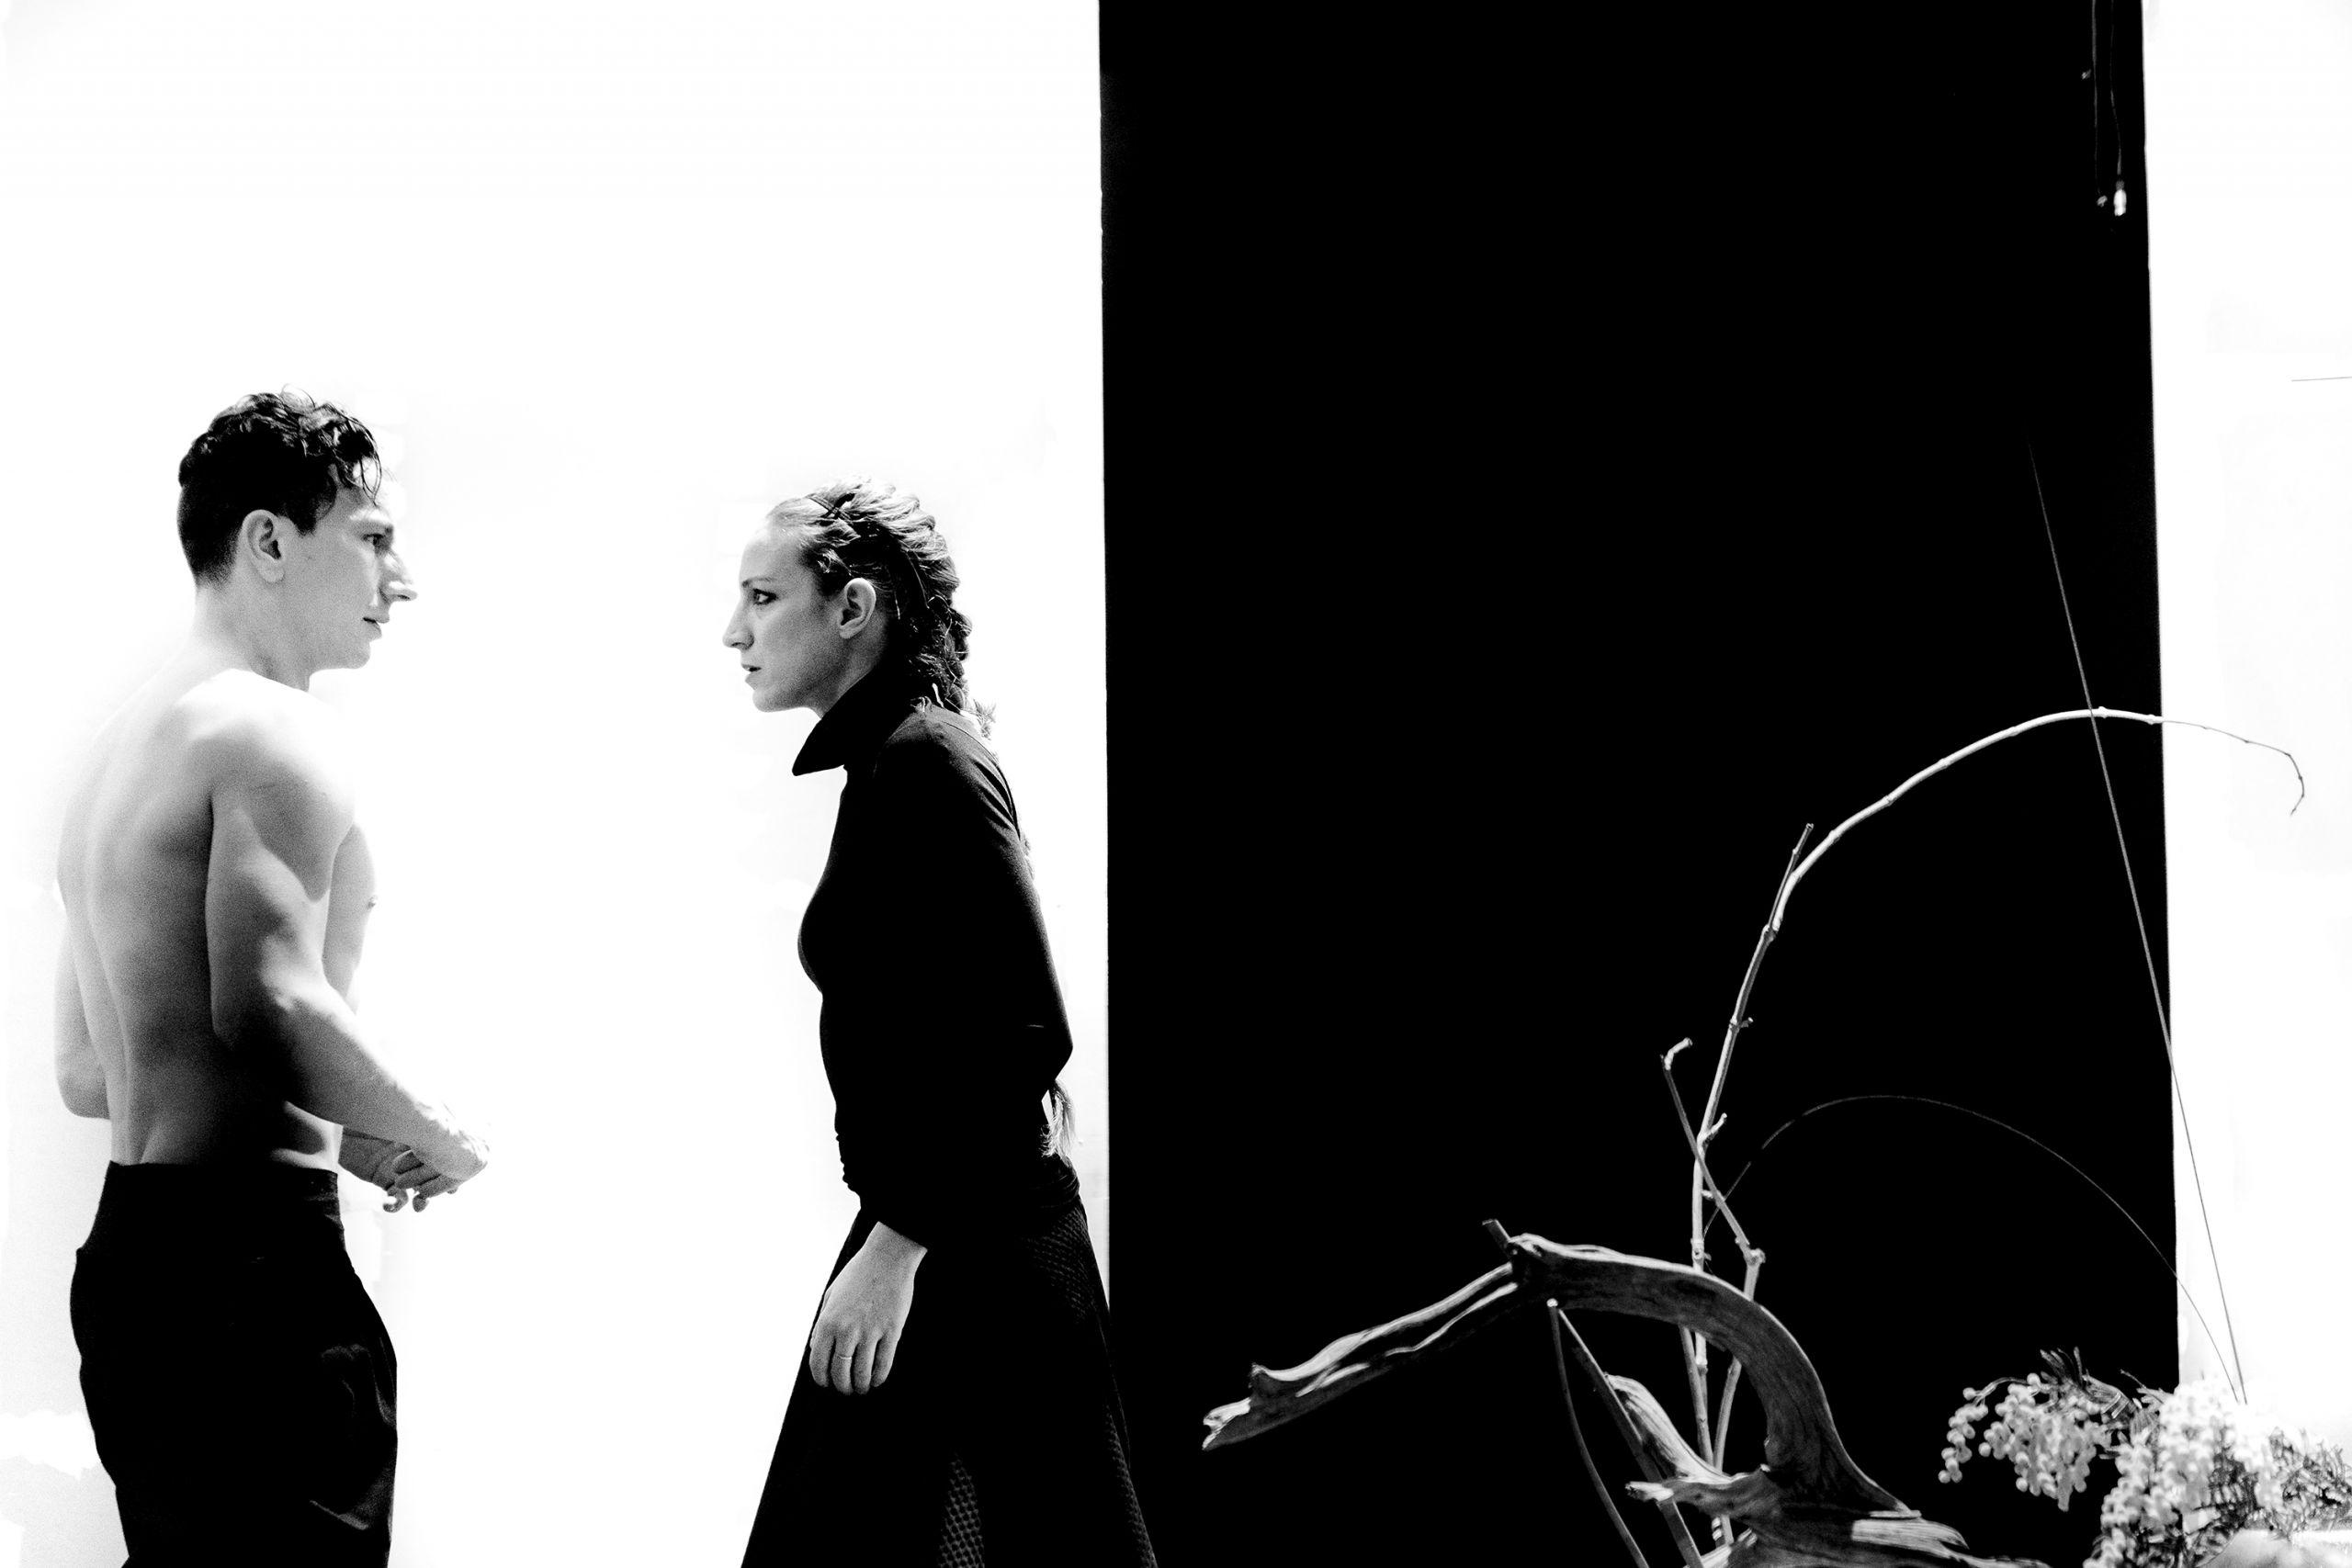 Στην πρόβα: «Φαίδρα» στο Θέατρο Προσκήνιο – Η φύση σε περιορισμό